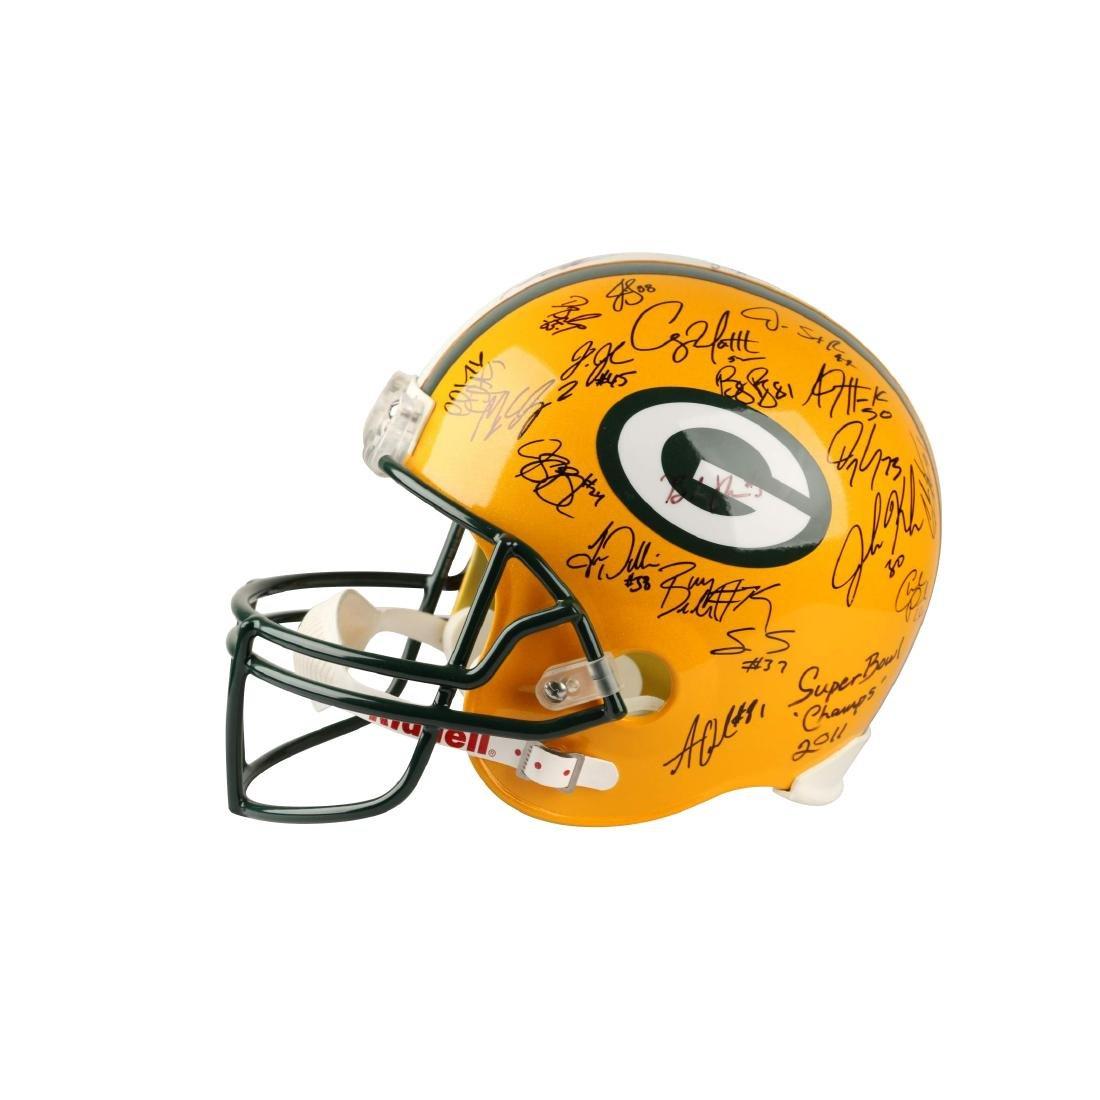 Team Signed GB Packers Football Helmet